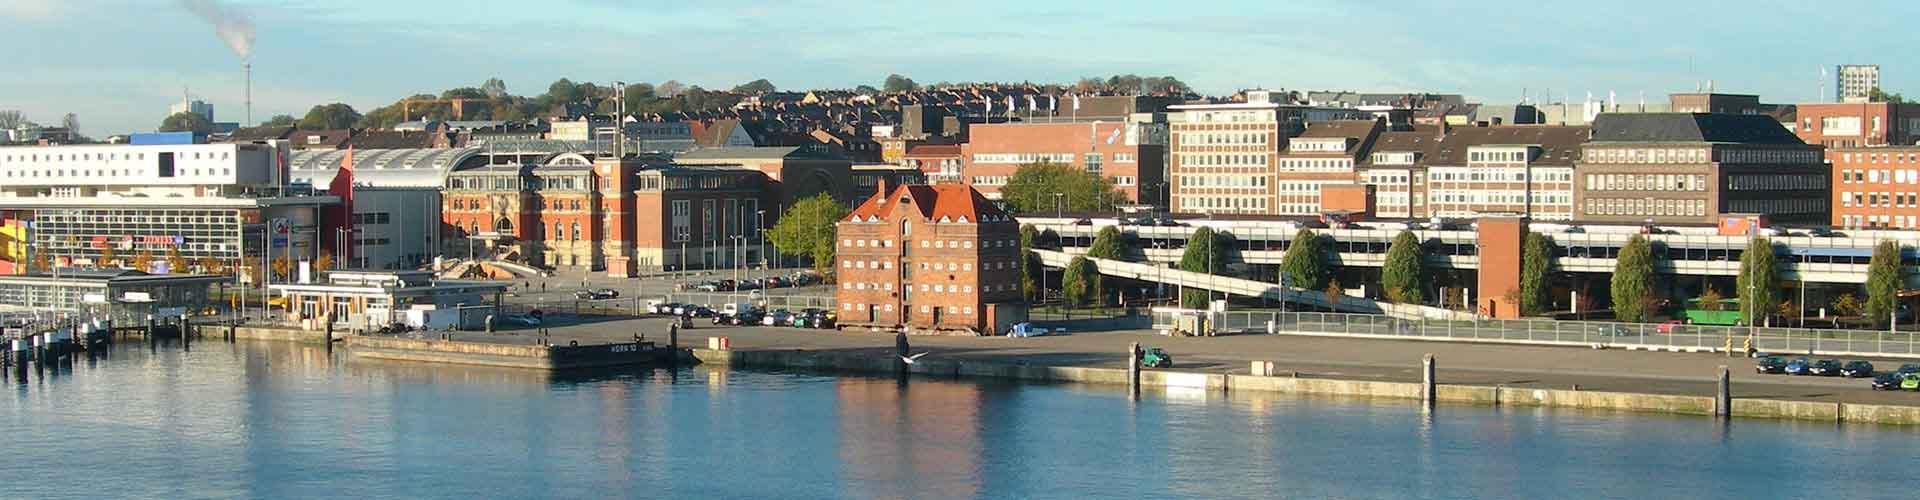 Kiel - Albergues Juveniles en Kiel. Mapas de Kiel, Fotos y Comentarios para cada Albergue Juvenil en Kiel.